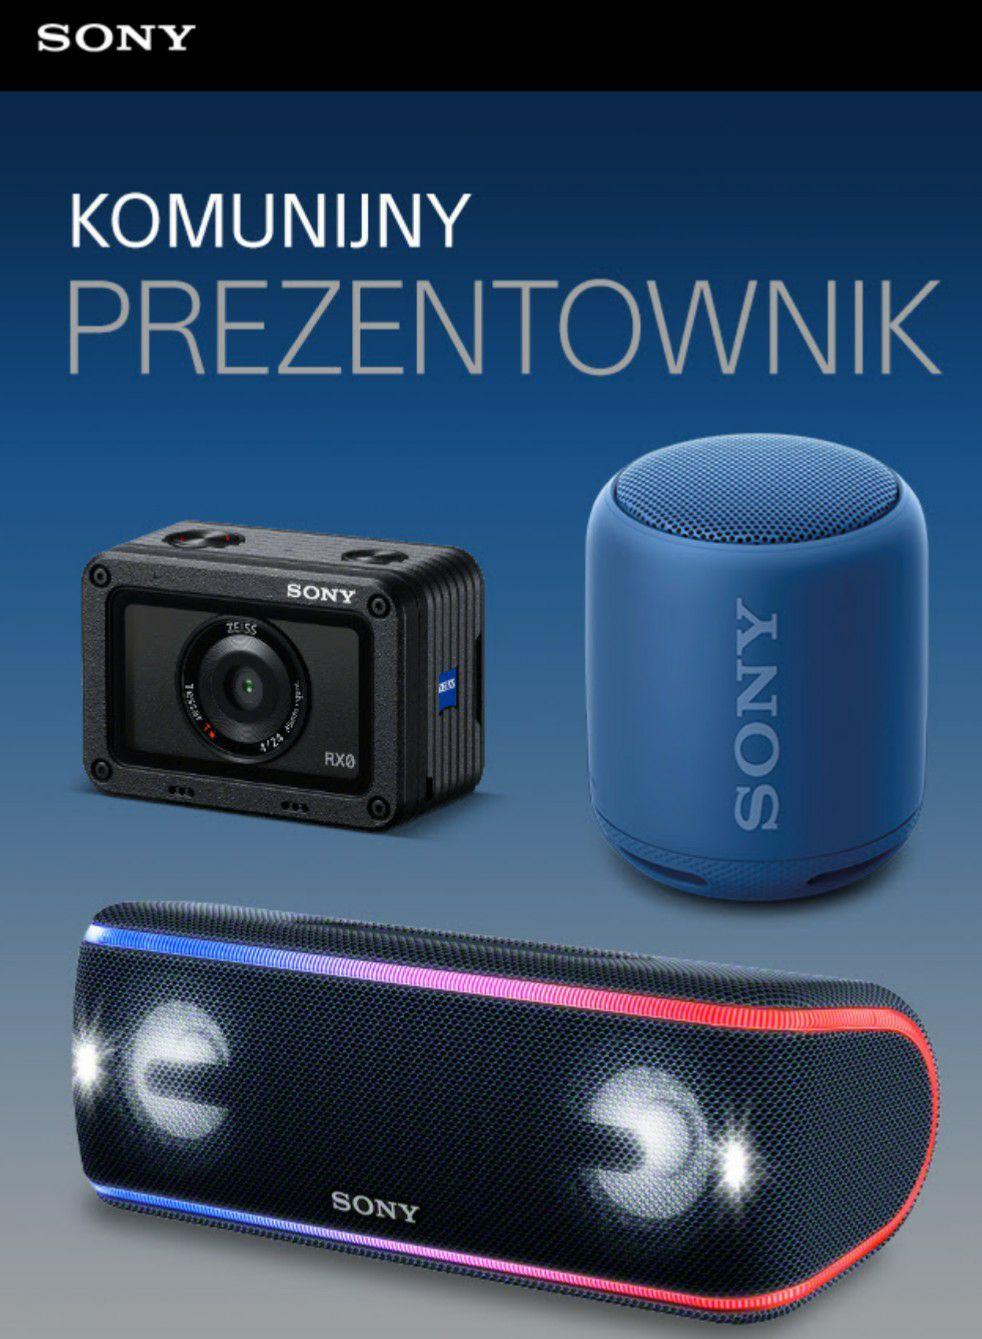 Promocje w Sony Centre na komunie: głośniki, słuchawki, kamerka sportowa